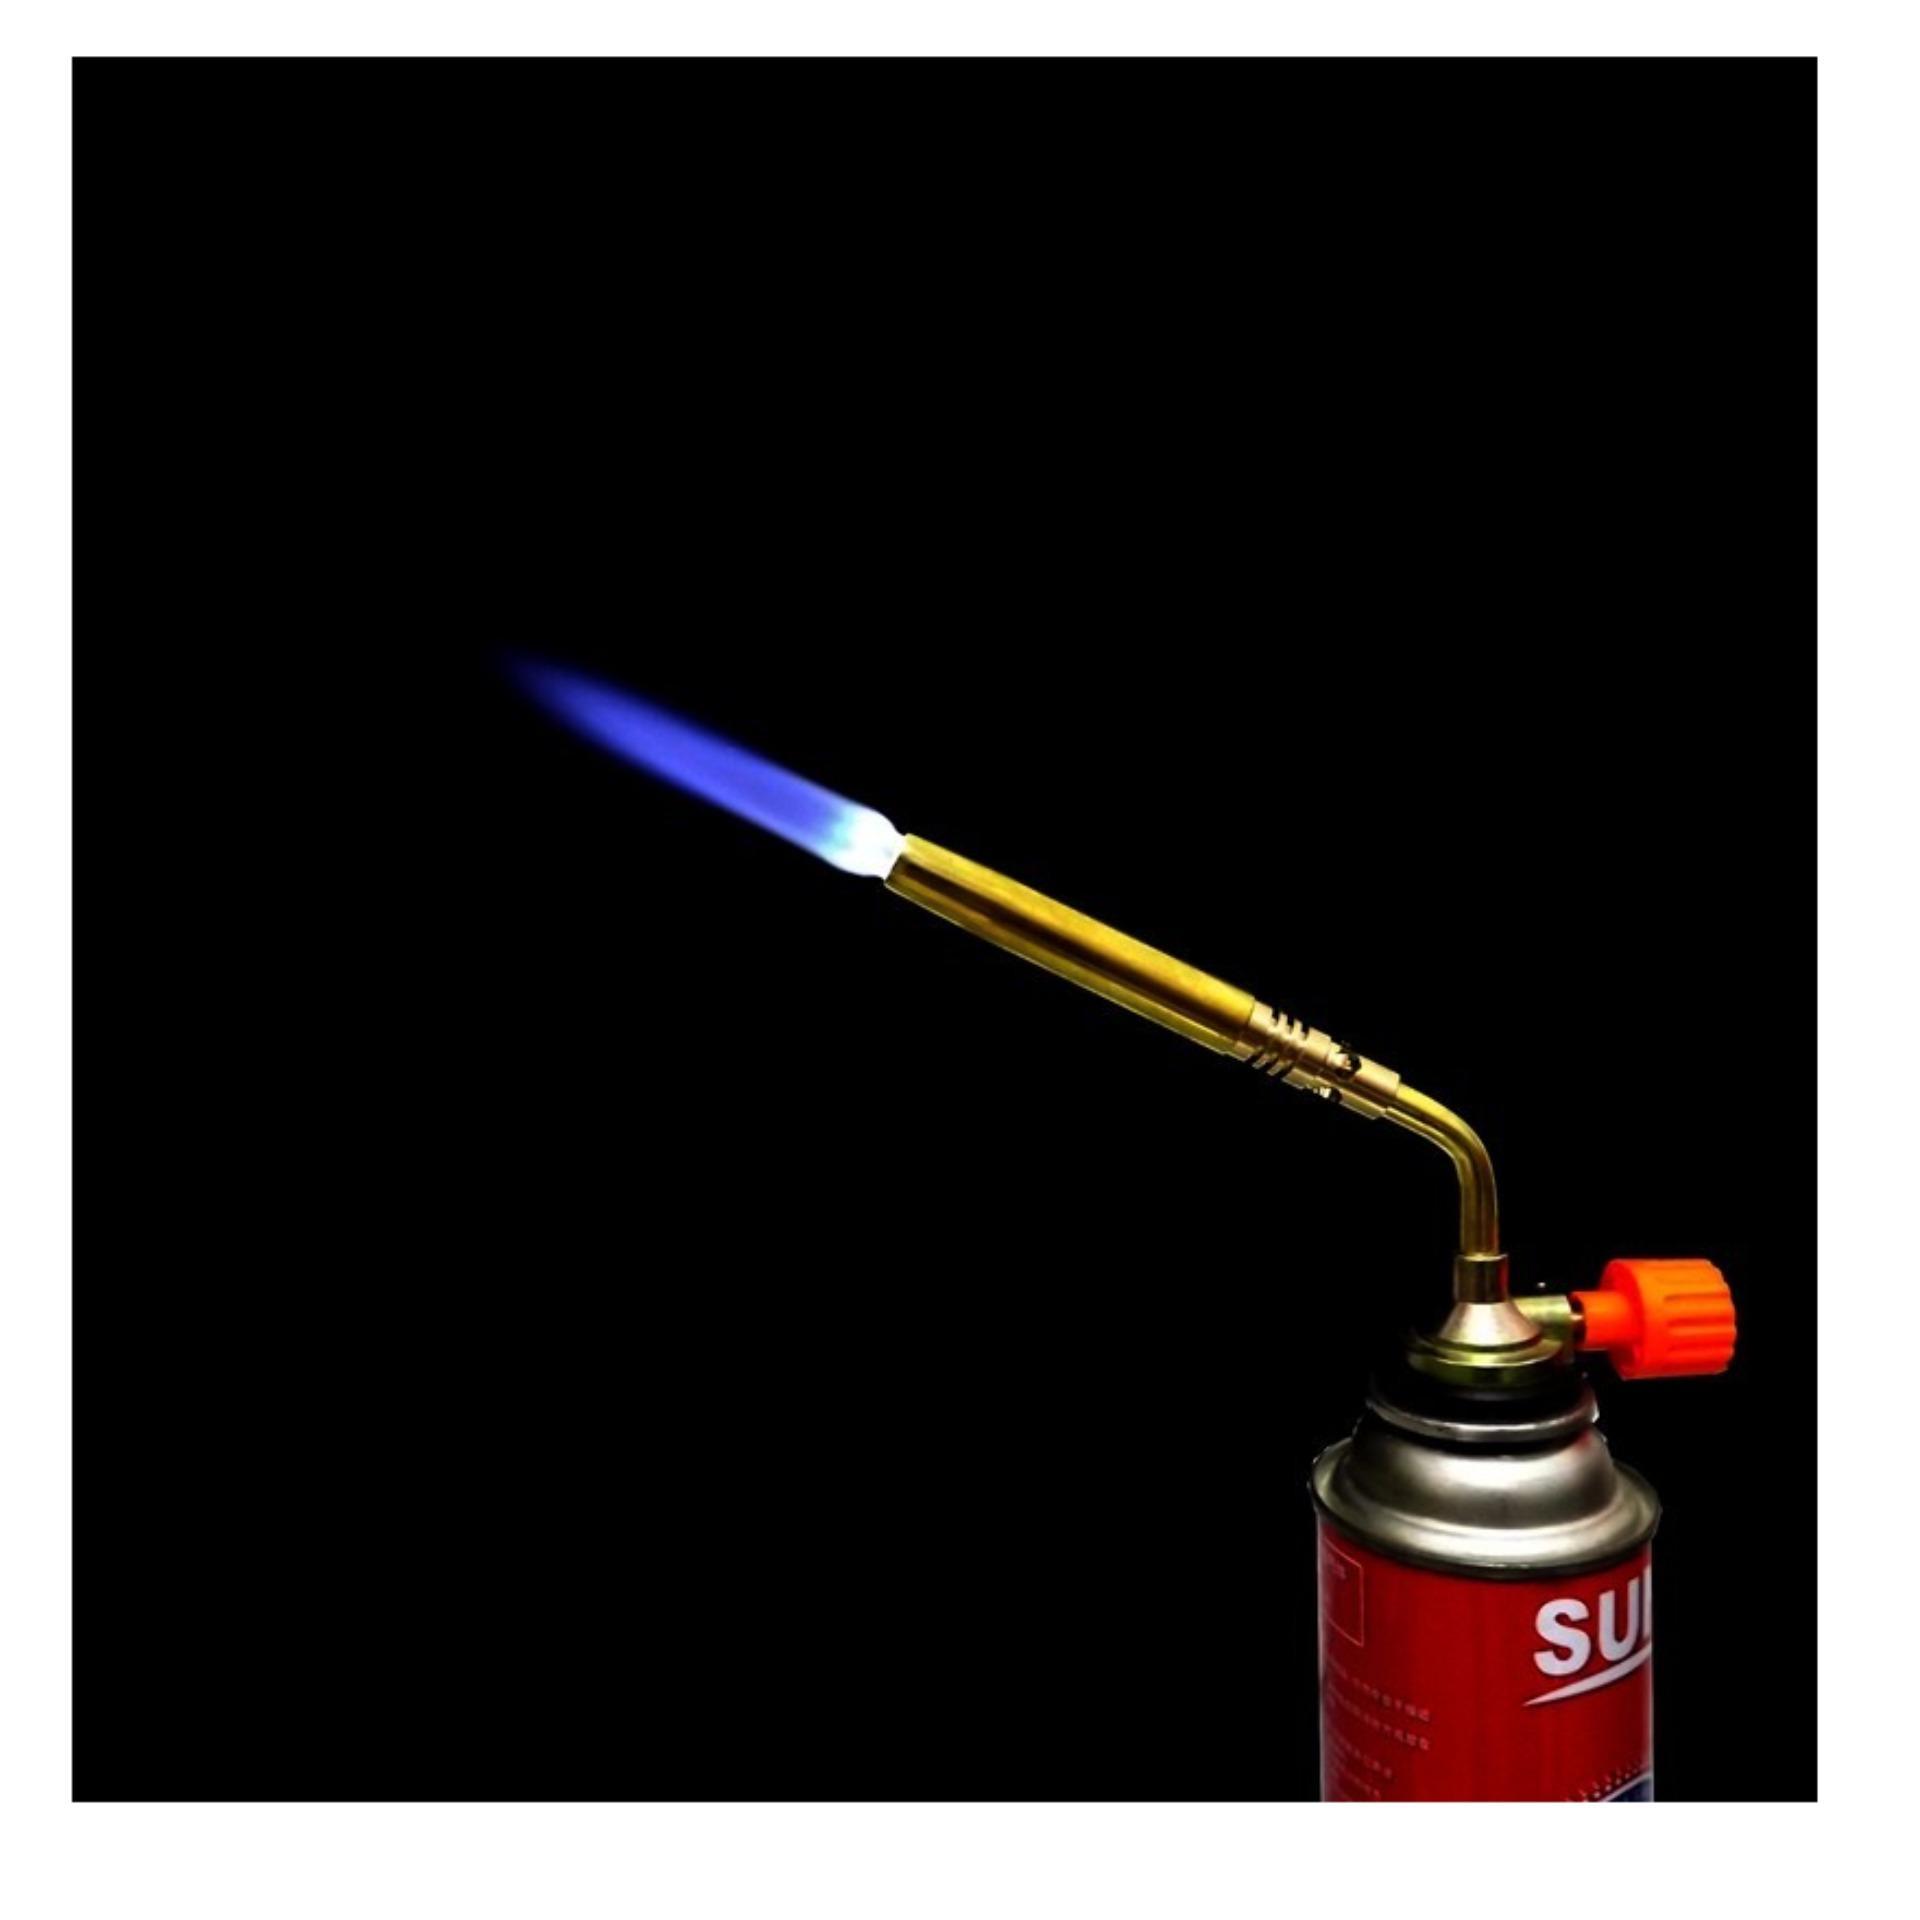 Đèn khò hàn ống đồng - Đầu khò lửa - Sử dụng bình gas mini [HKD]